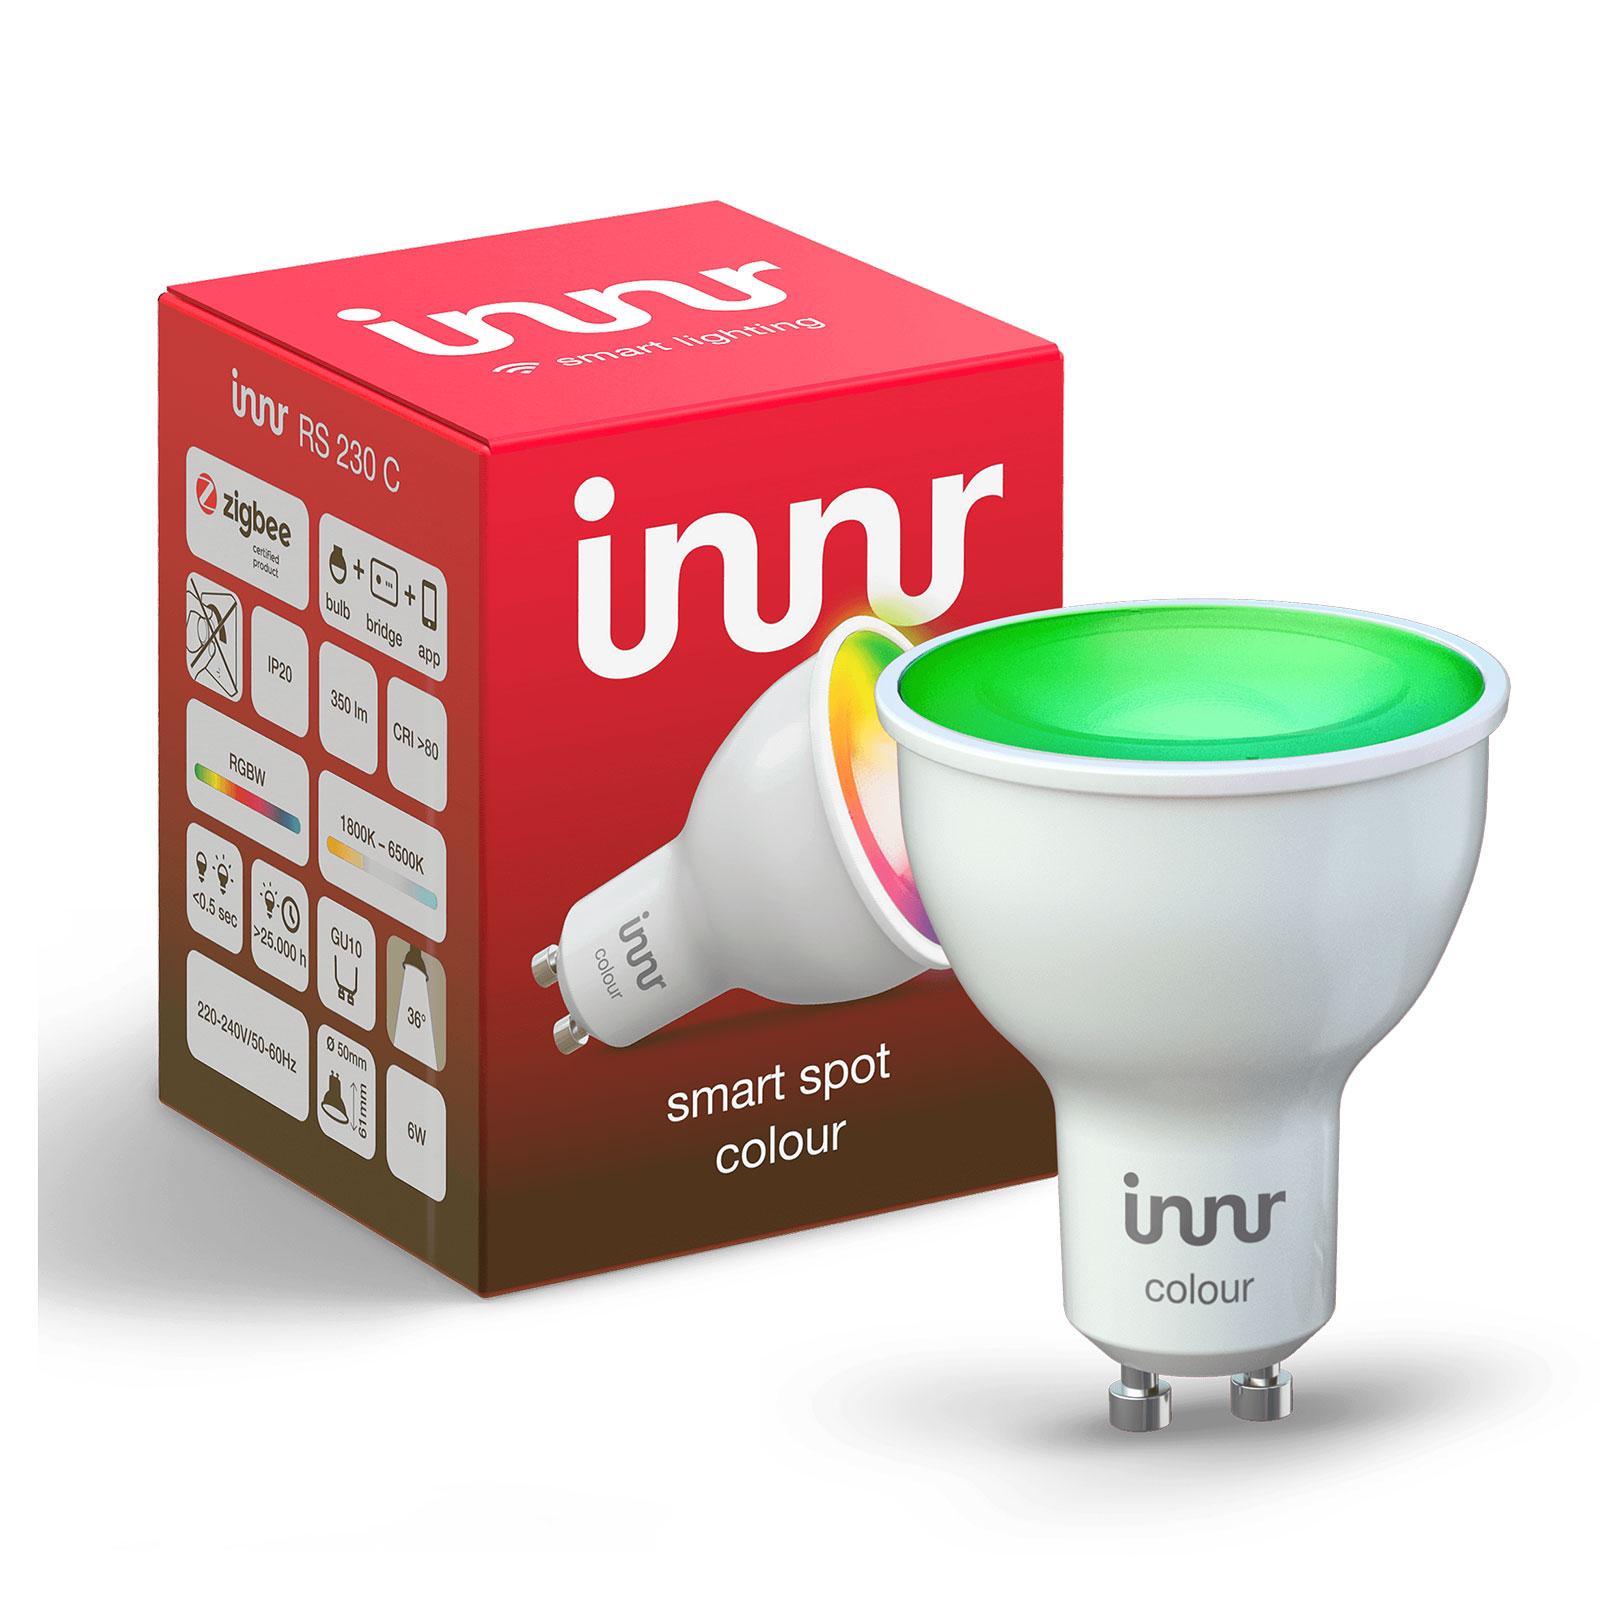 Innr LED-spotti GU10 6W Smart RGBW/CCT 350 lm